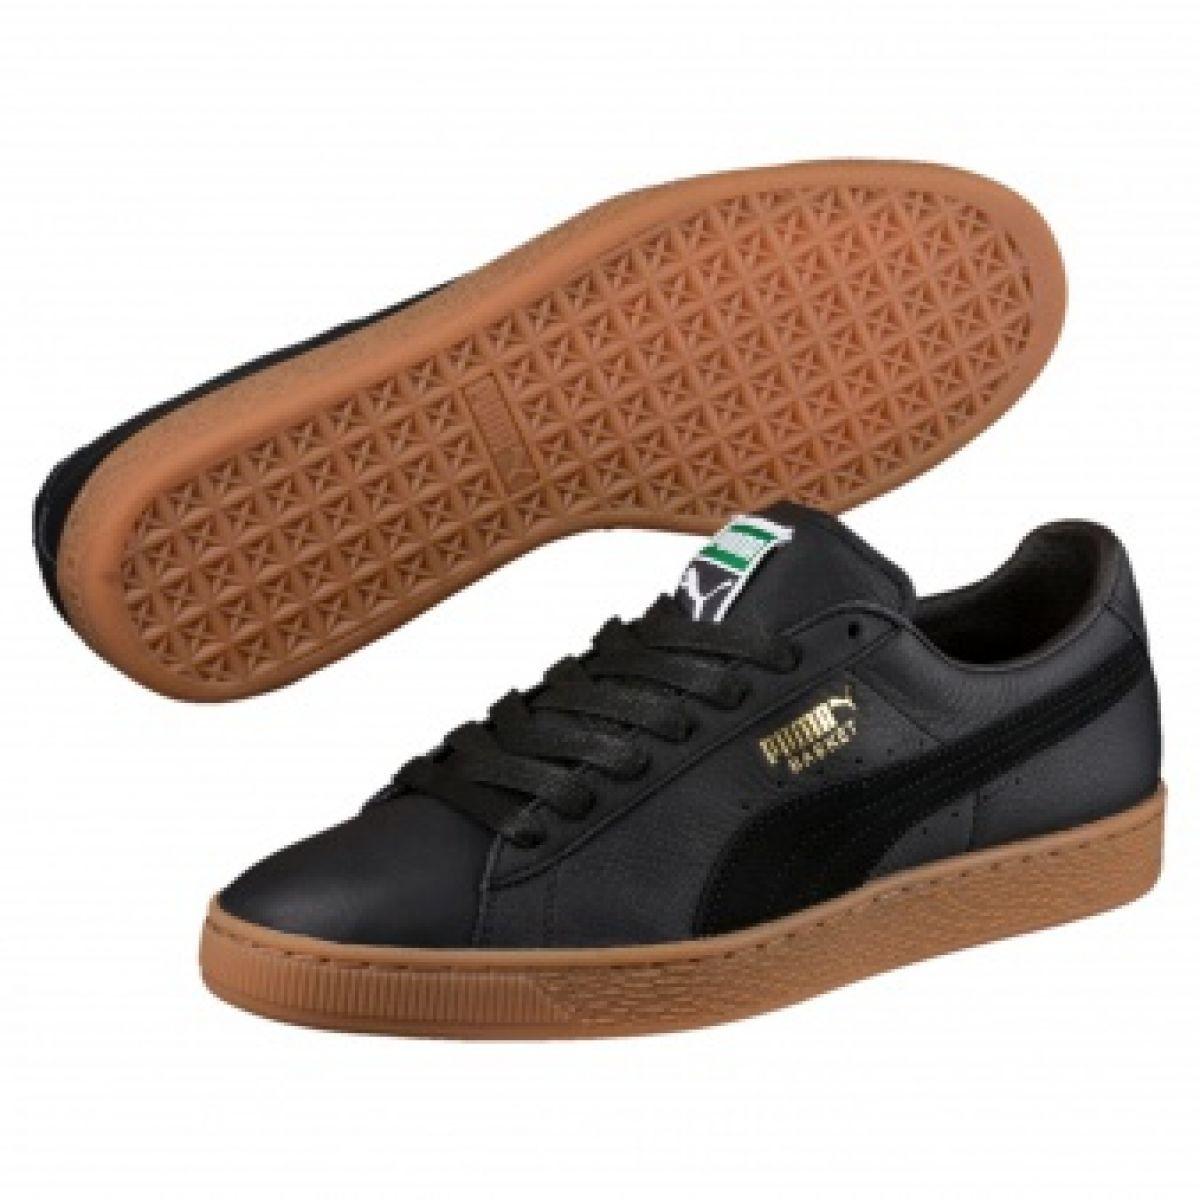 sports shoes 74b18 9cd56 Black Puma Basket Classic Gum Deluxe M 365366 02 shoes